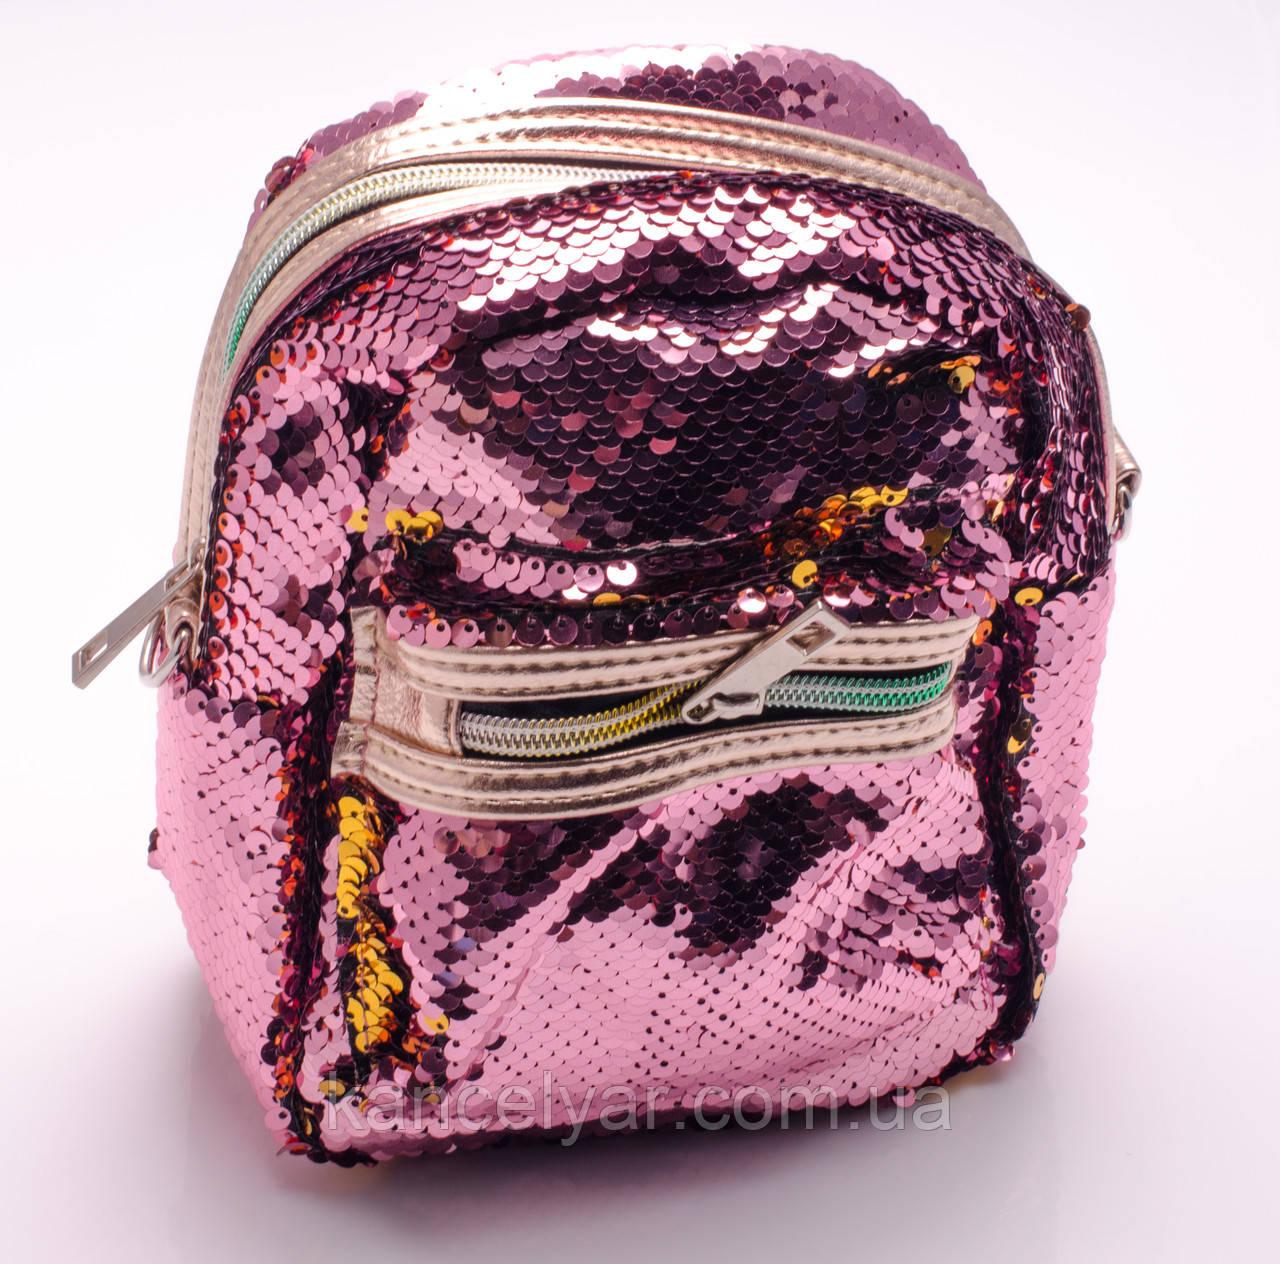 Рюкзак с пайетками, 20х16х9 см, в ассортименте